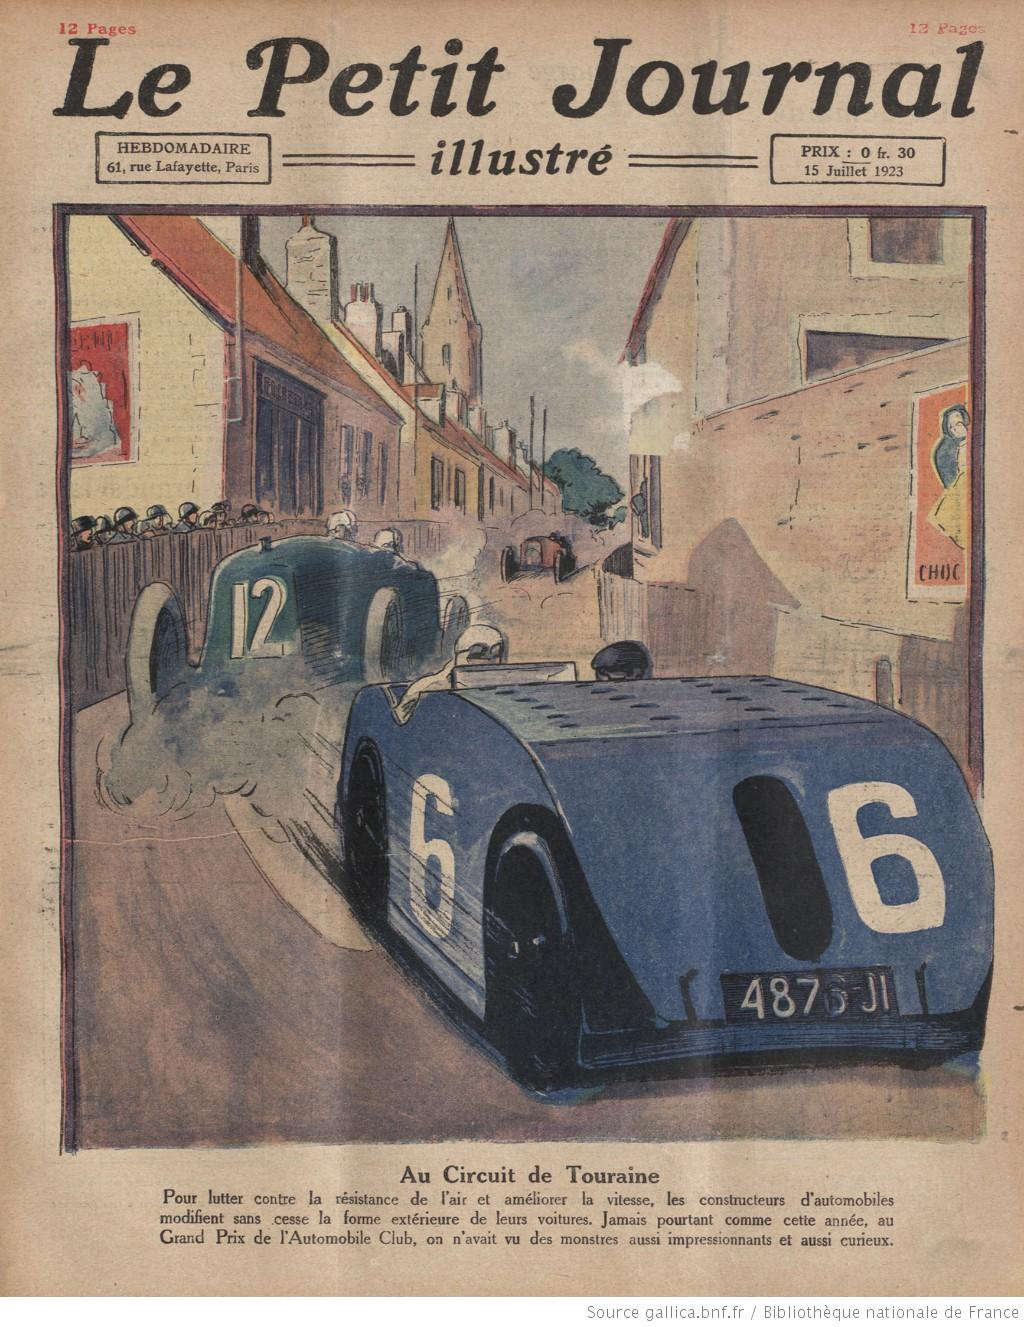 Bức tranh miêu tả một khúc cua tại đường đua ở Touraine, Pháp. Trong tranh, chiếc xe số 6 sở hữu một thiết kế mới lạ được cho là sẽ giúp giảm sức cản của gió và tăng tốc độ cho xe.